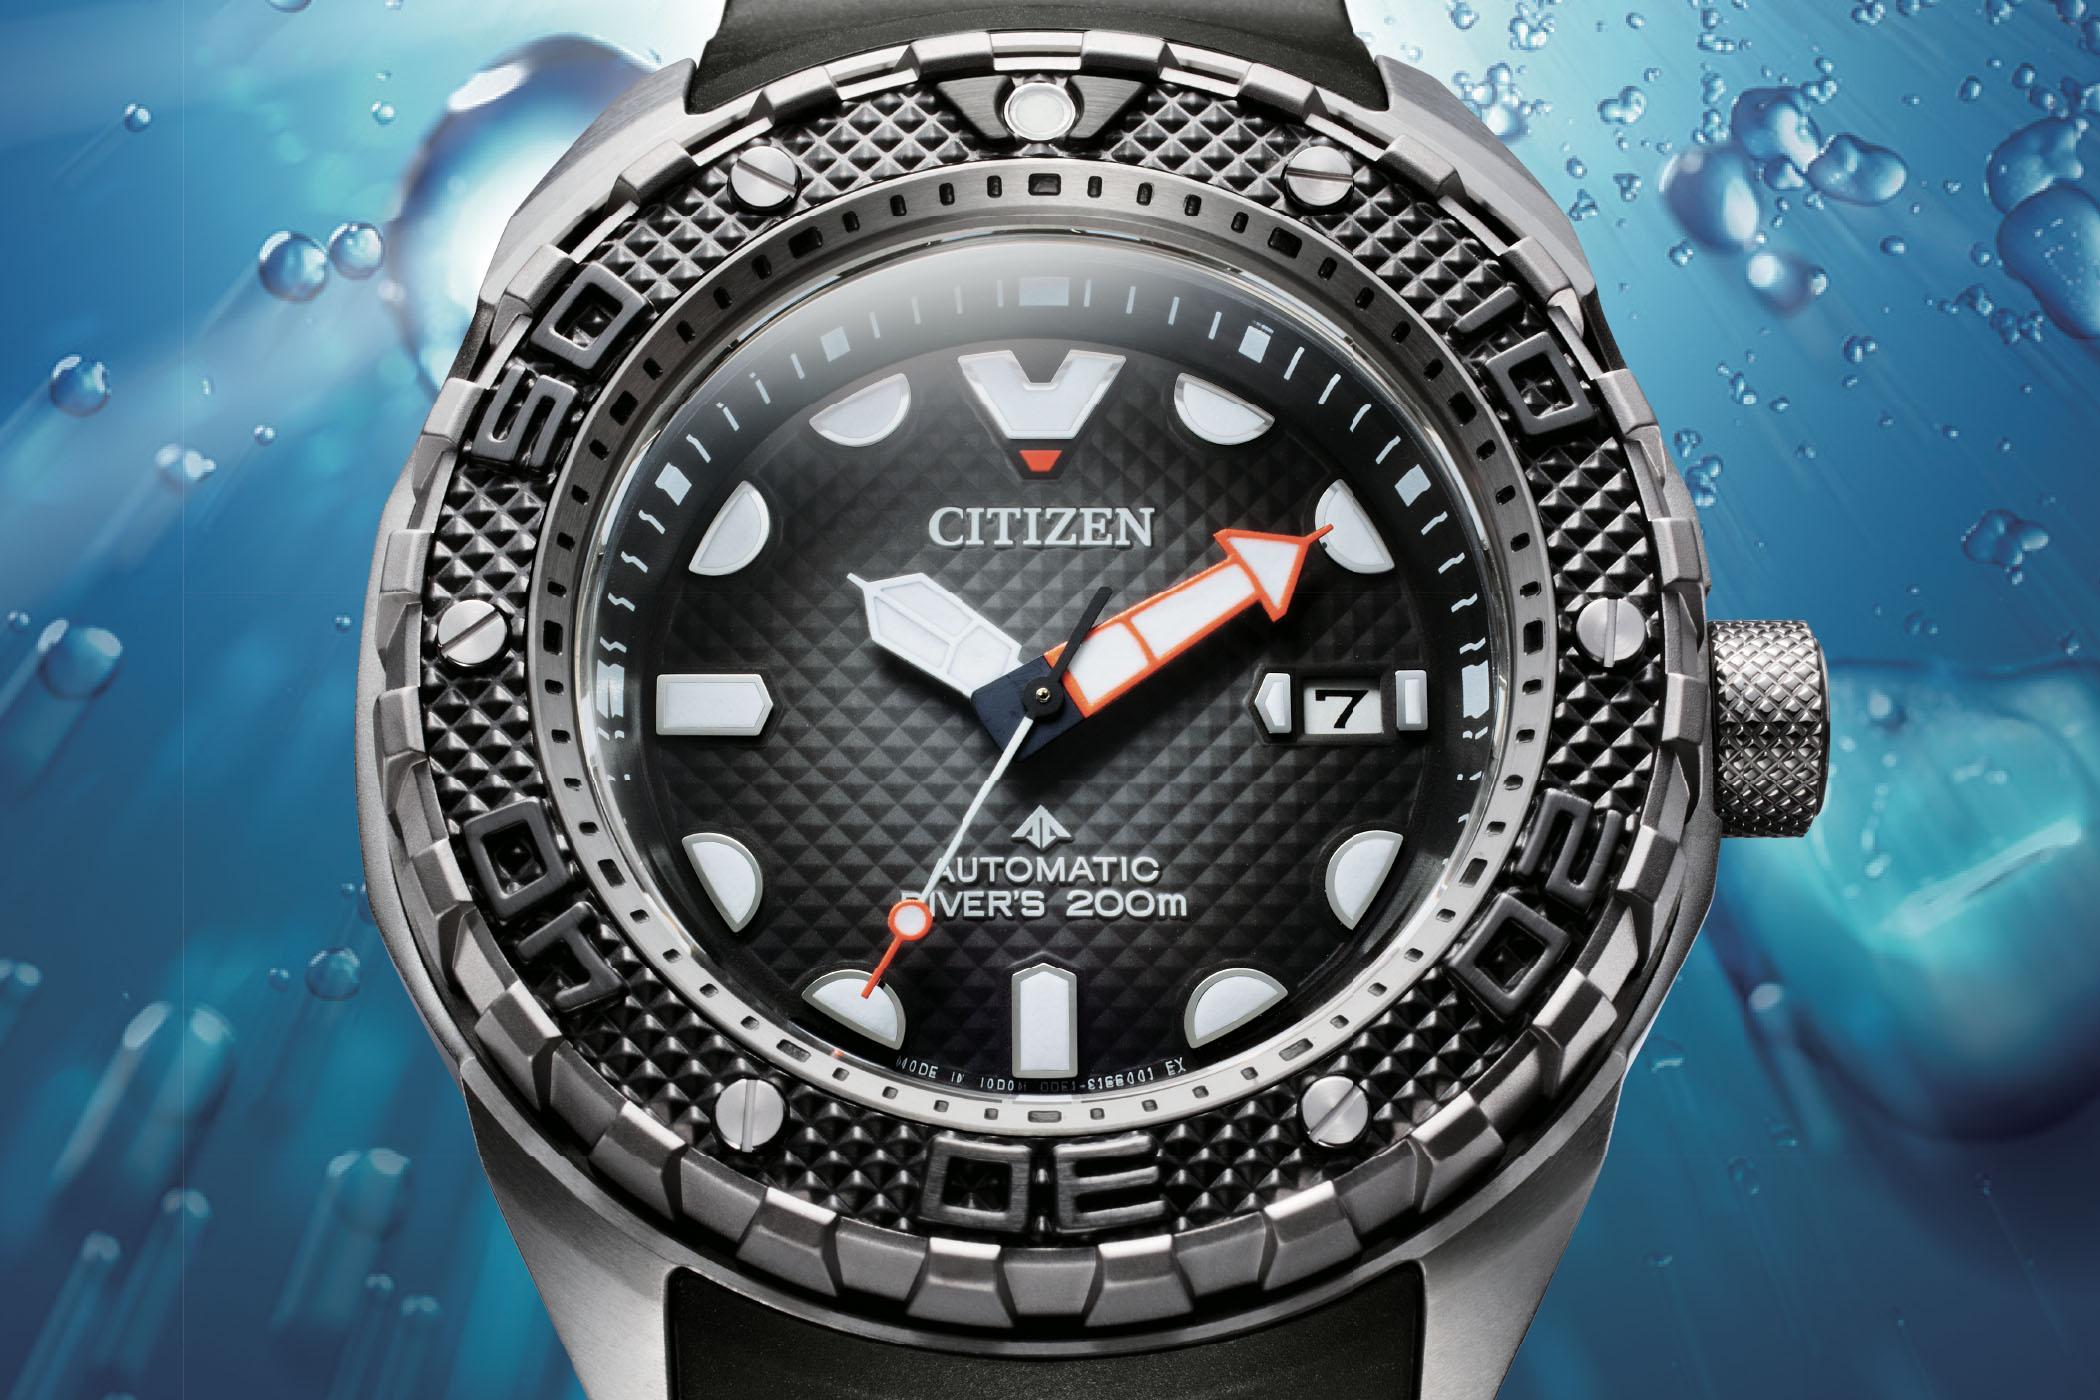 Citizen Promaster Mechanical Diver 200m NB6004